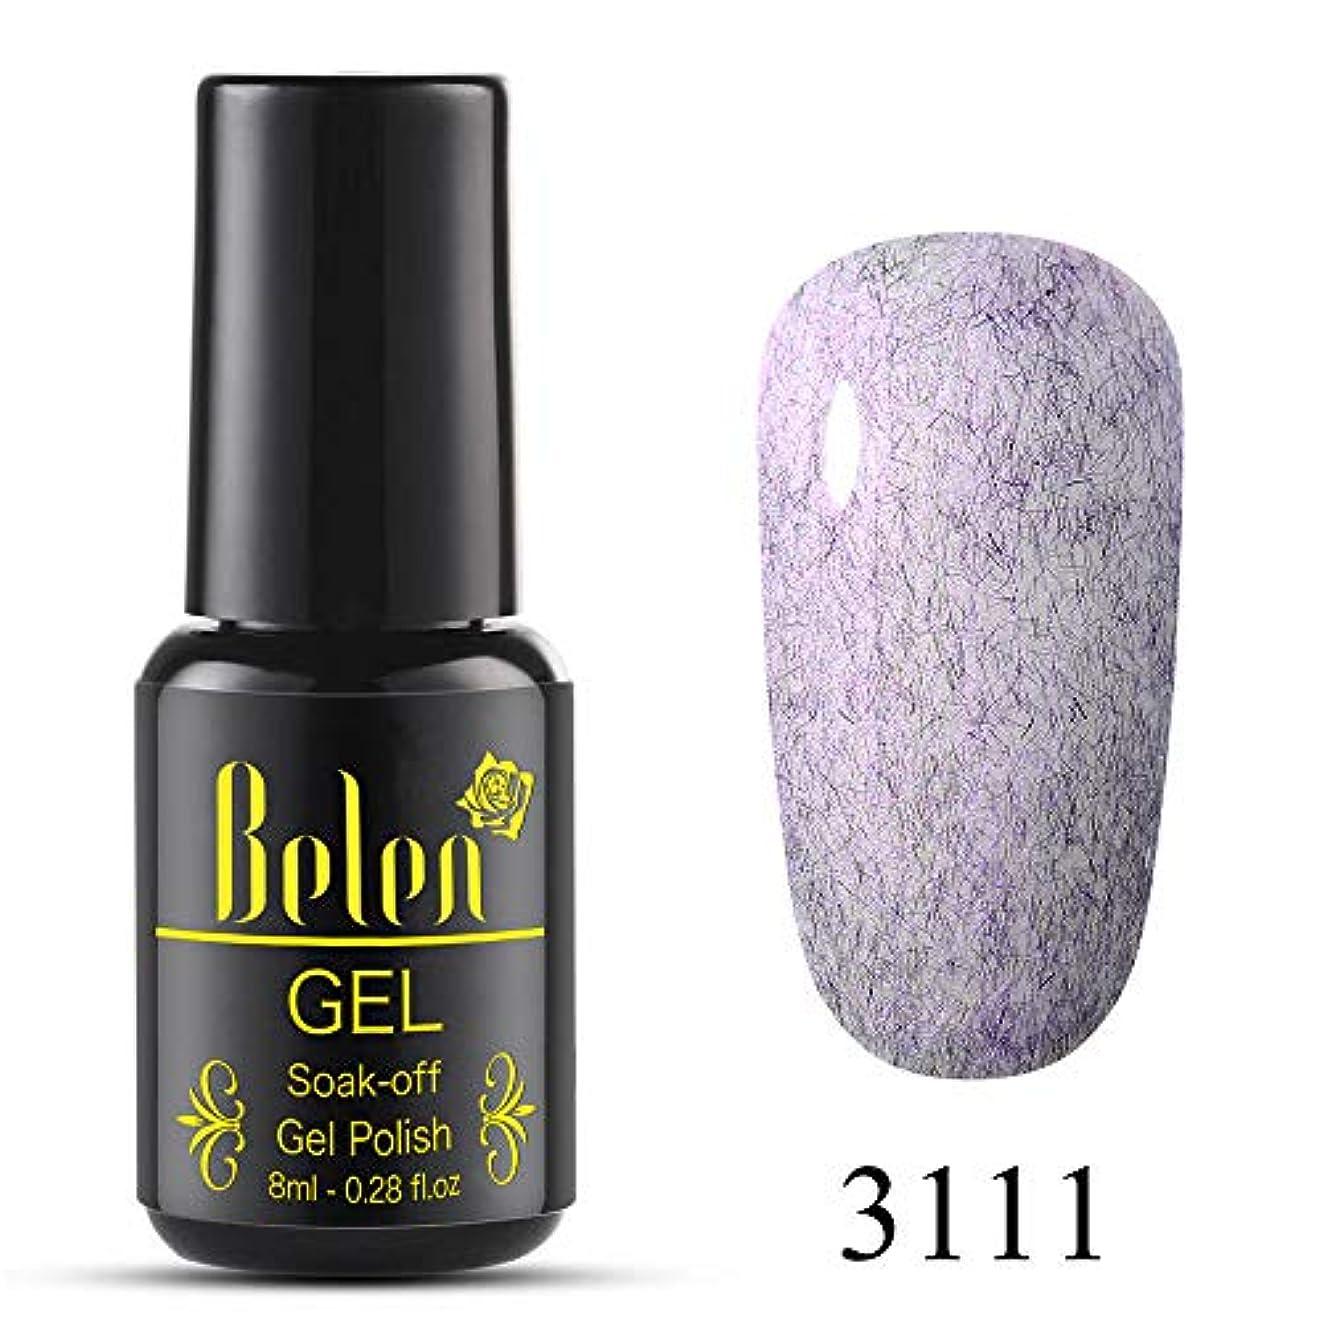 立方体ジュニア急性Belen ジェルネイル カラージェル 貝殻毛皮系 1色入り 8ml【全12色選択可】